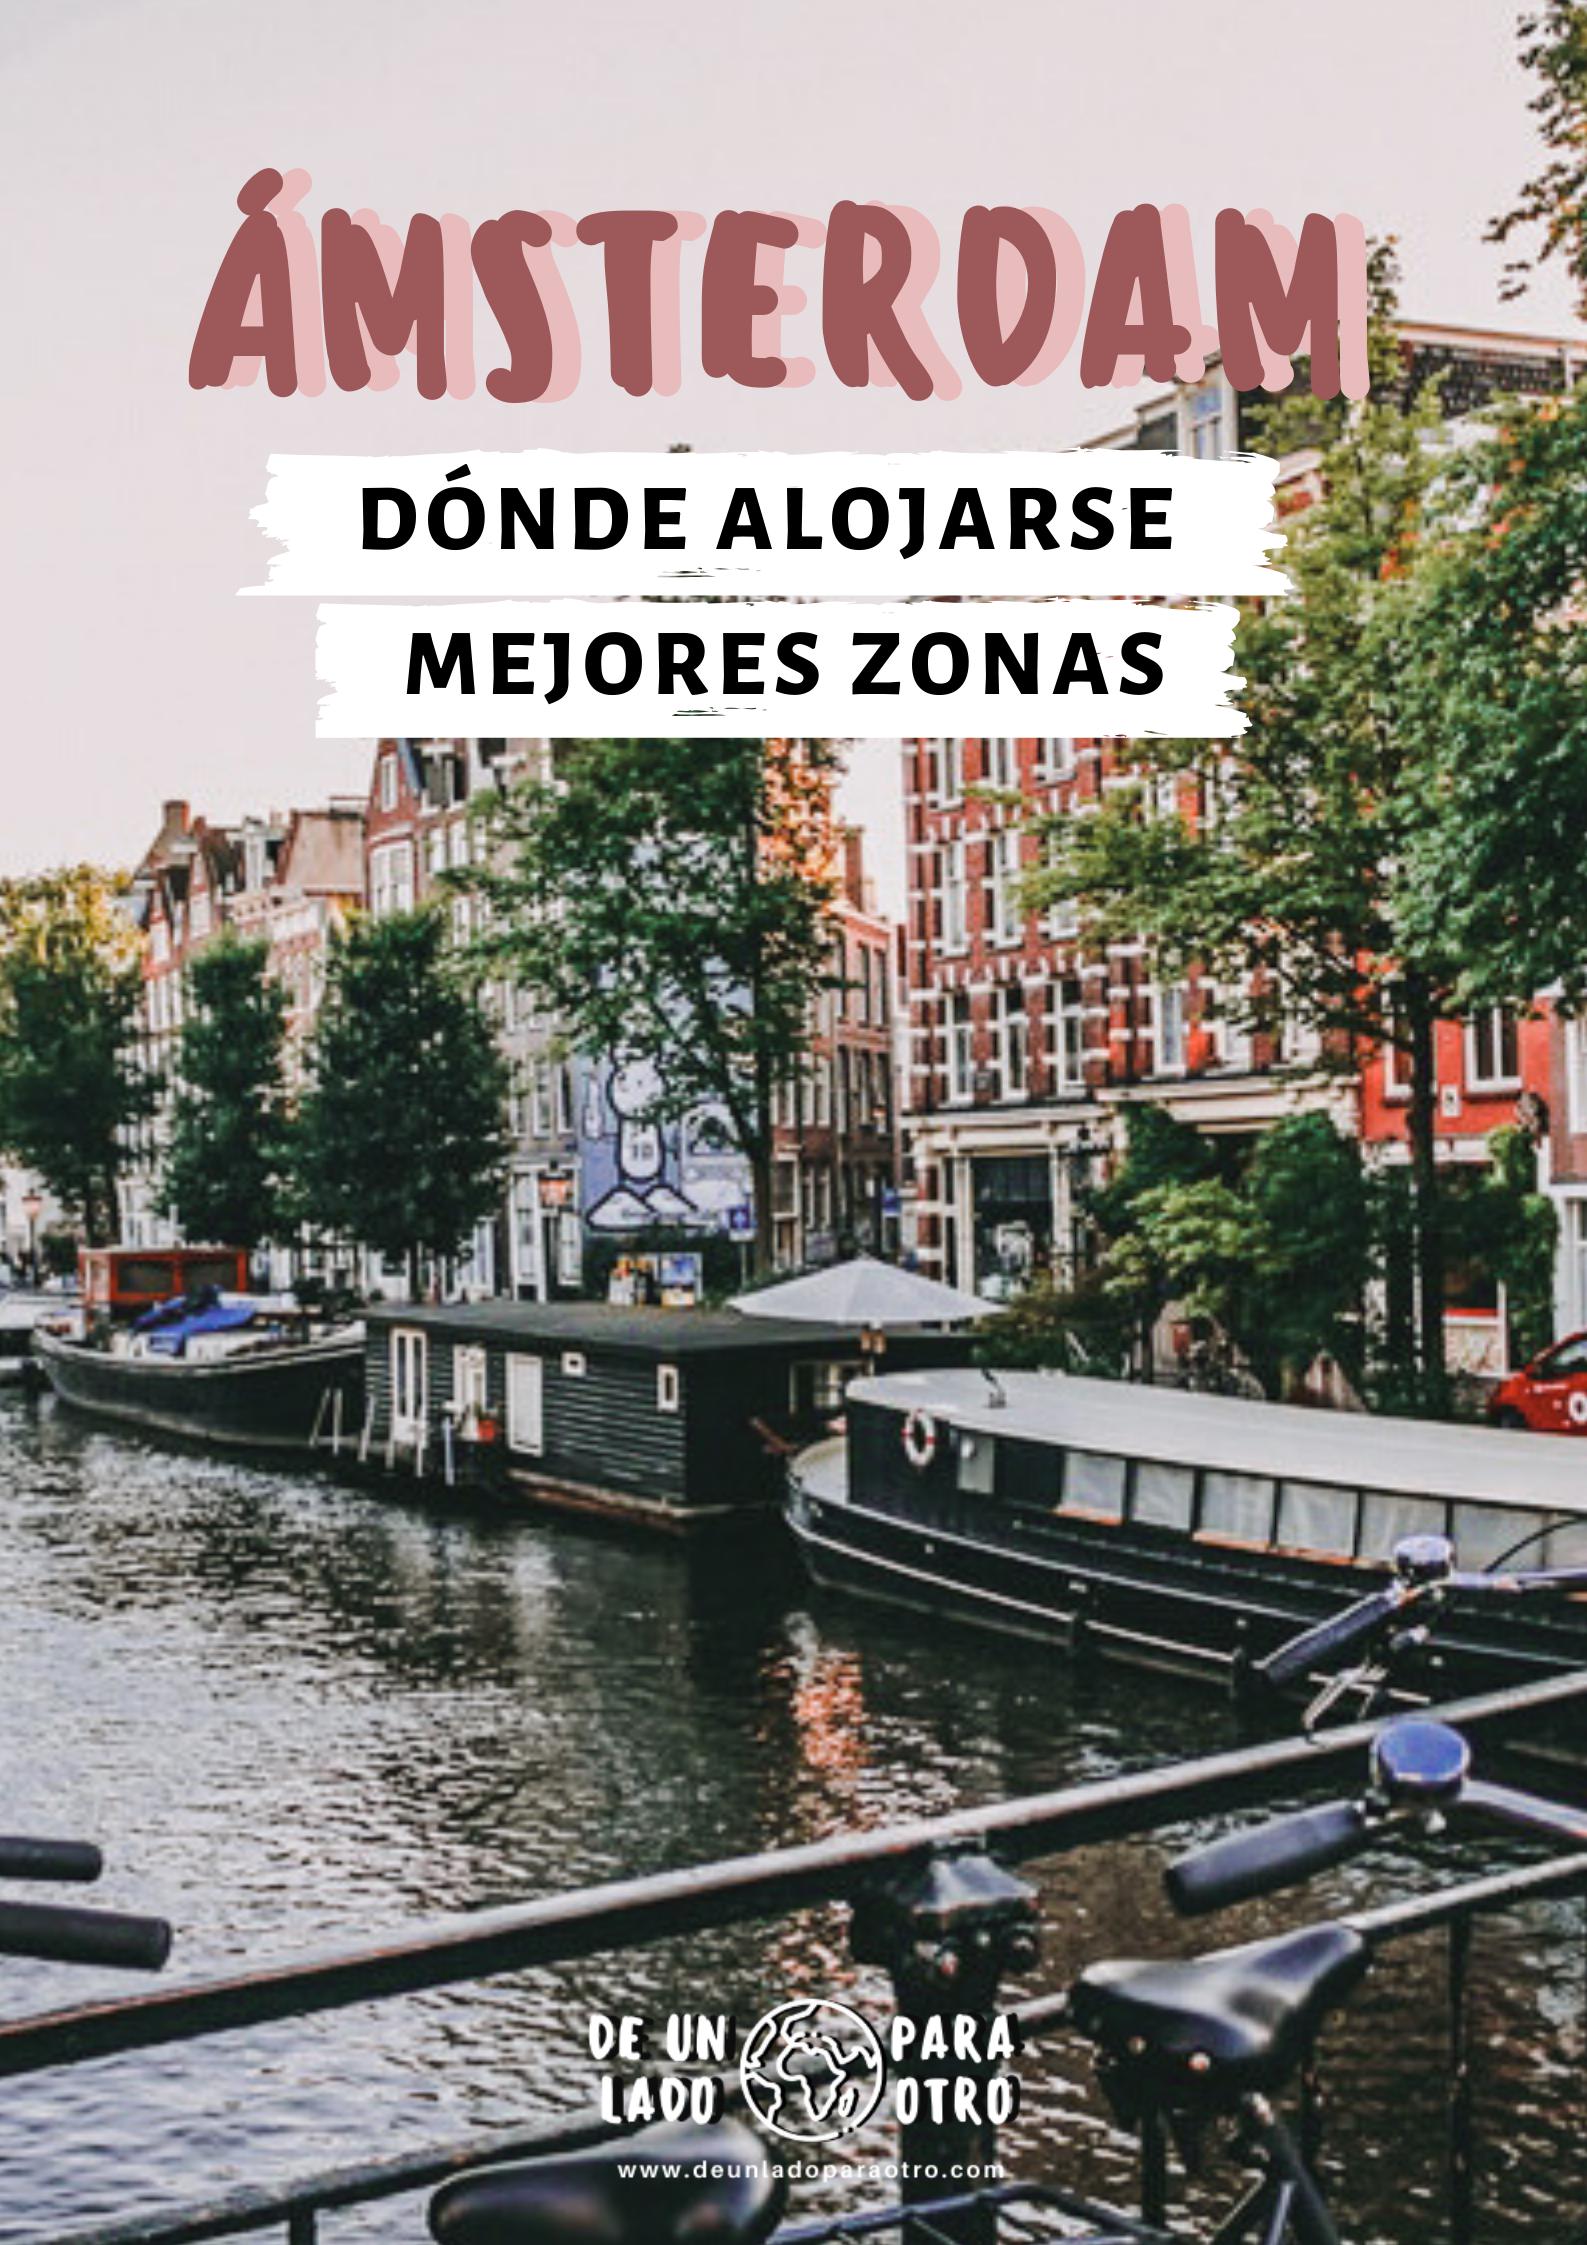 Dónde Alojarse En ámsterdam Mejores Zonas Y Hoteles Amsterdam Que Hacer Viaje A Amsterdam Canales De Amsterdam